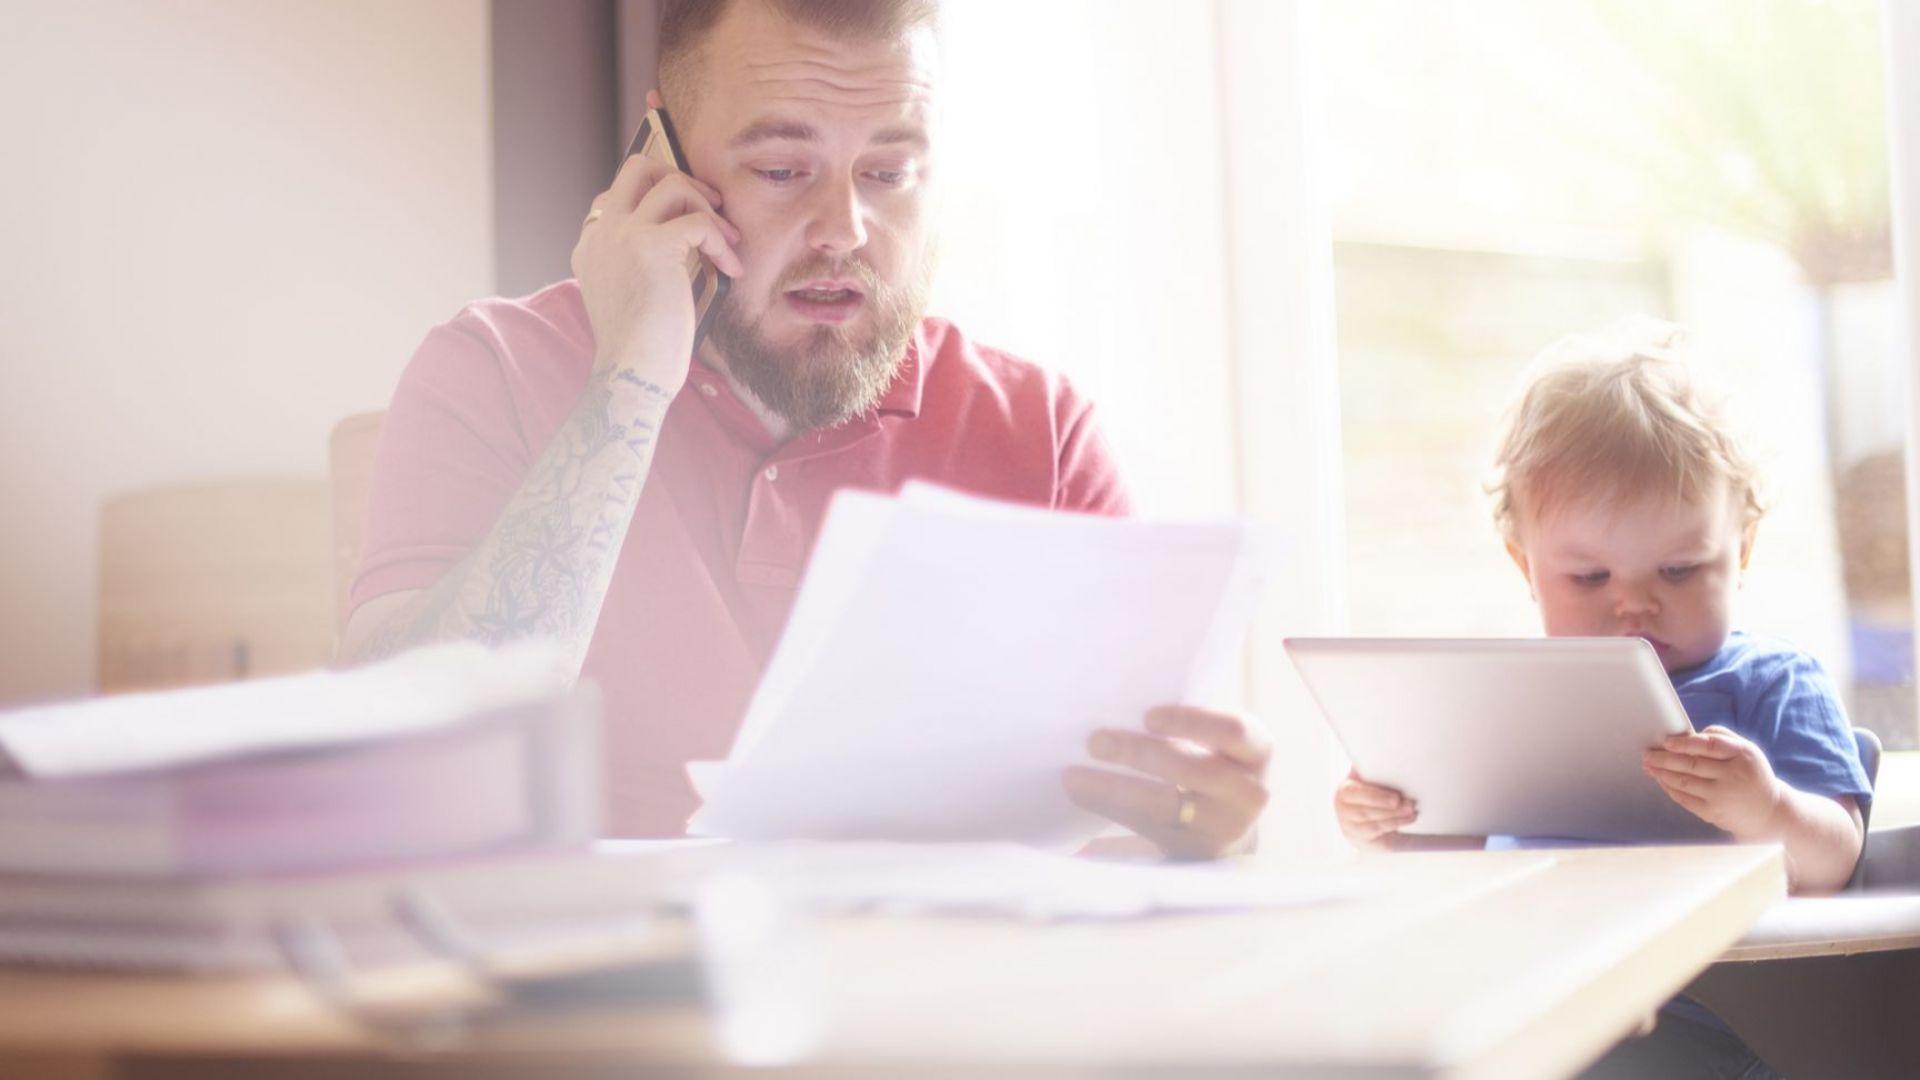 Бизнесът в продажбите на дребно очаква вълна от фалити